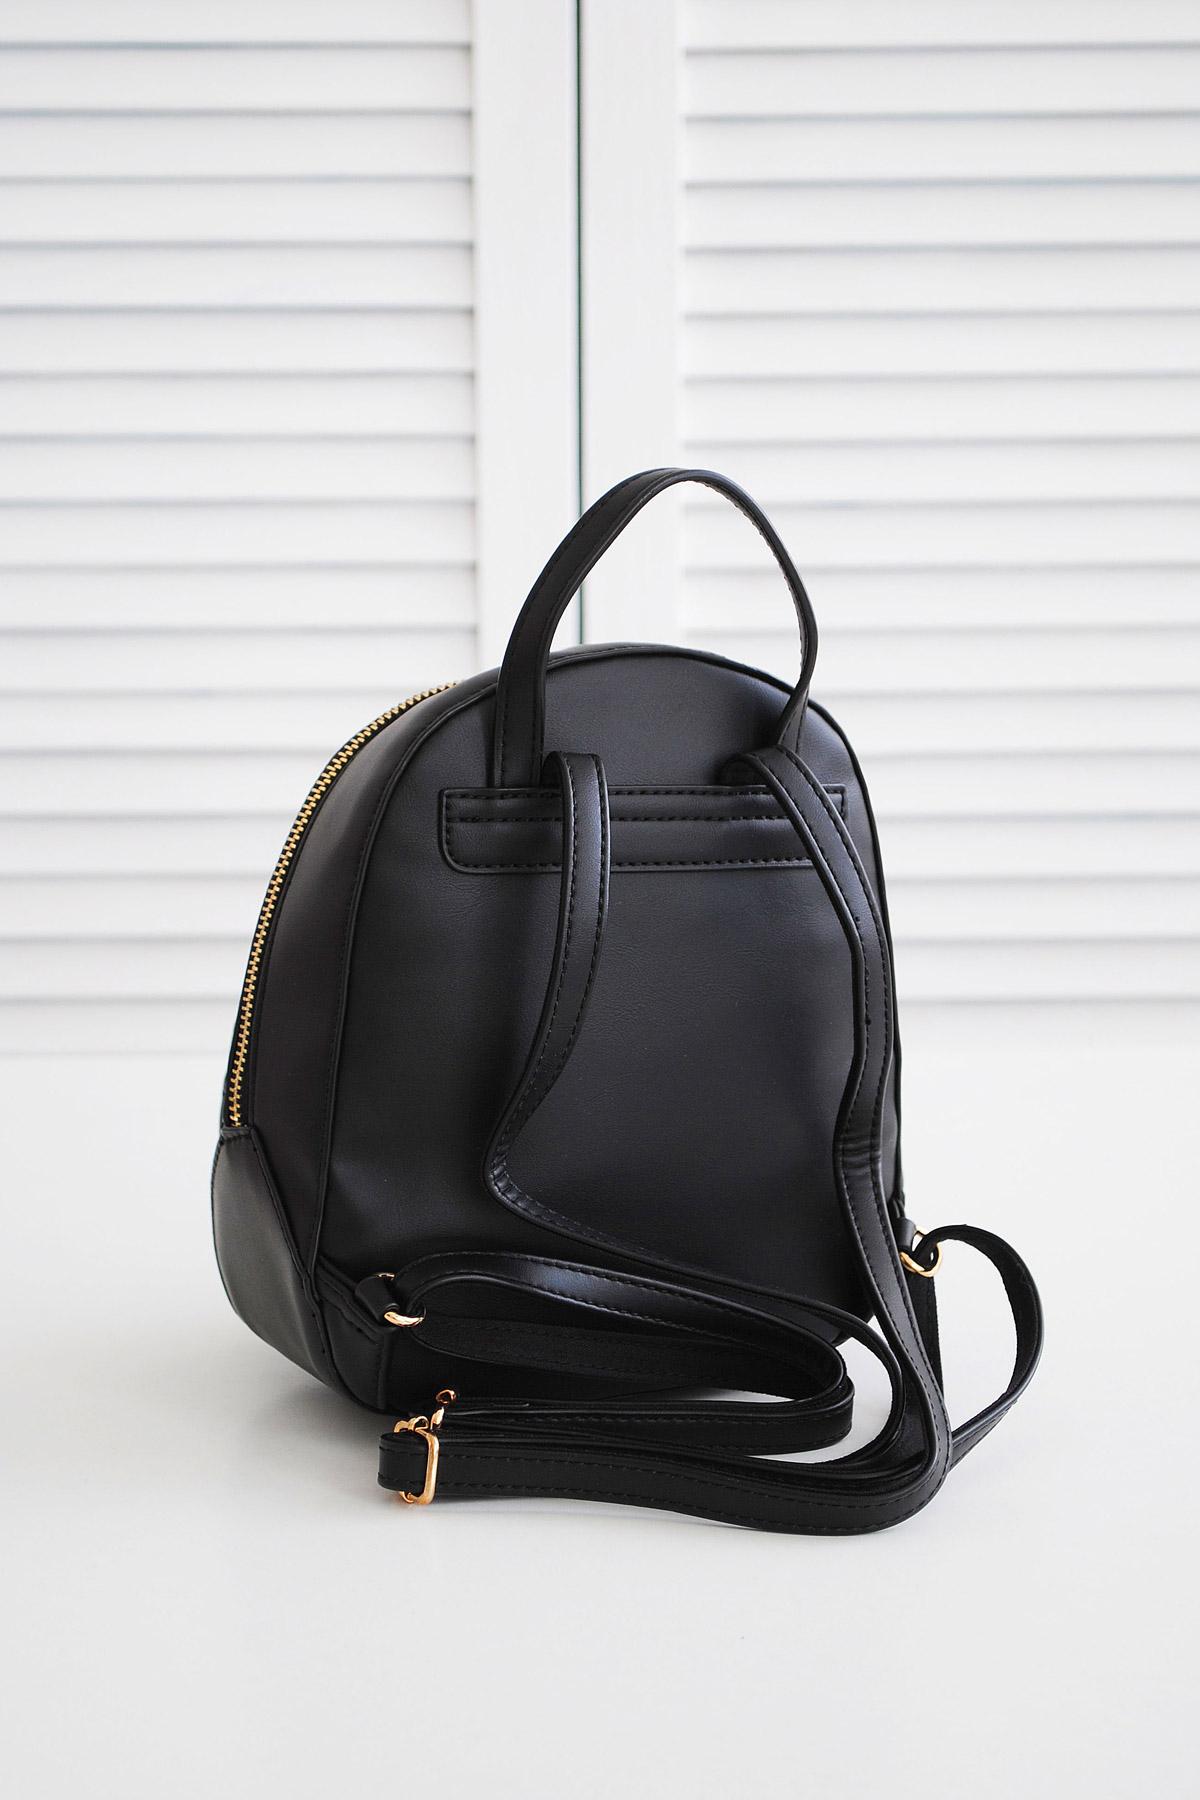 ef8b24685169 женский мини рюкзак белого цвета. Рюкзак 5526-2. Цвет  черный купить ...